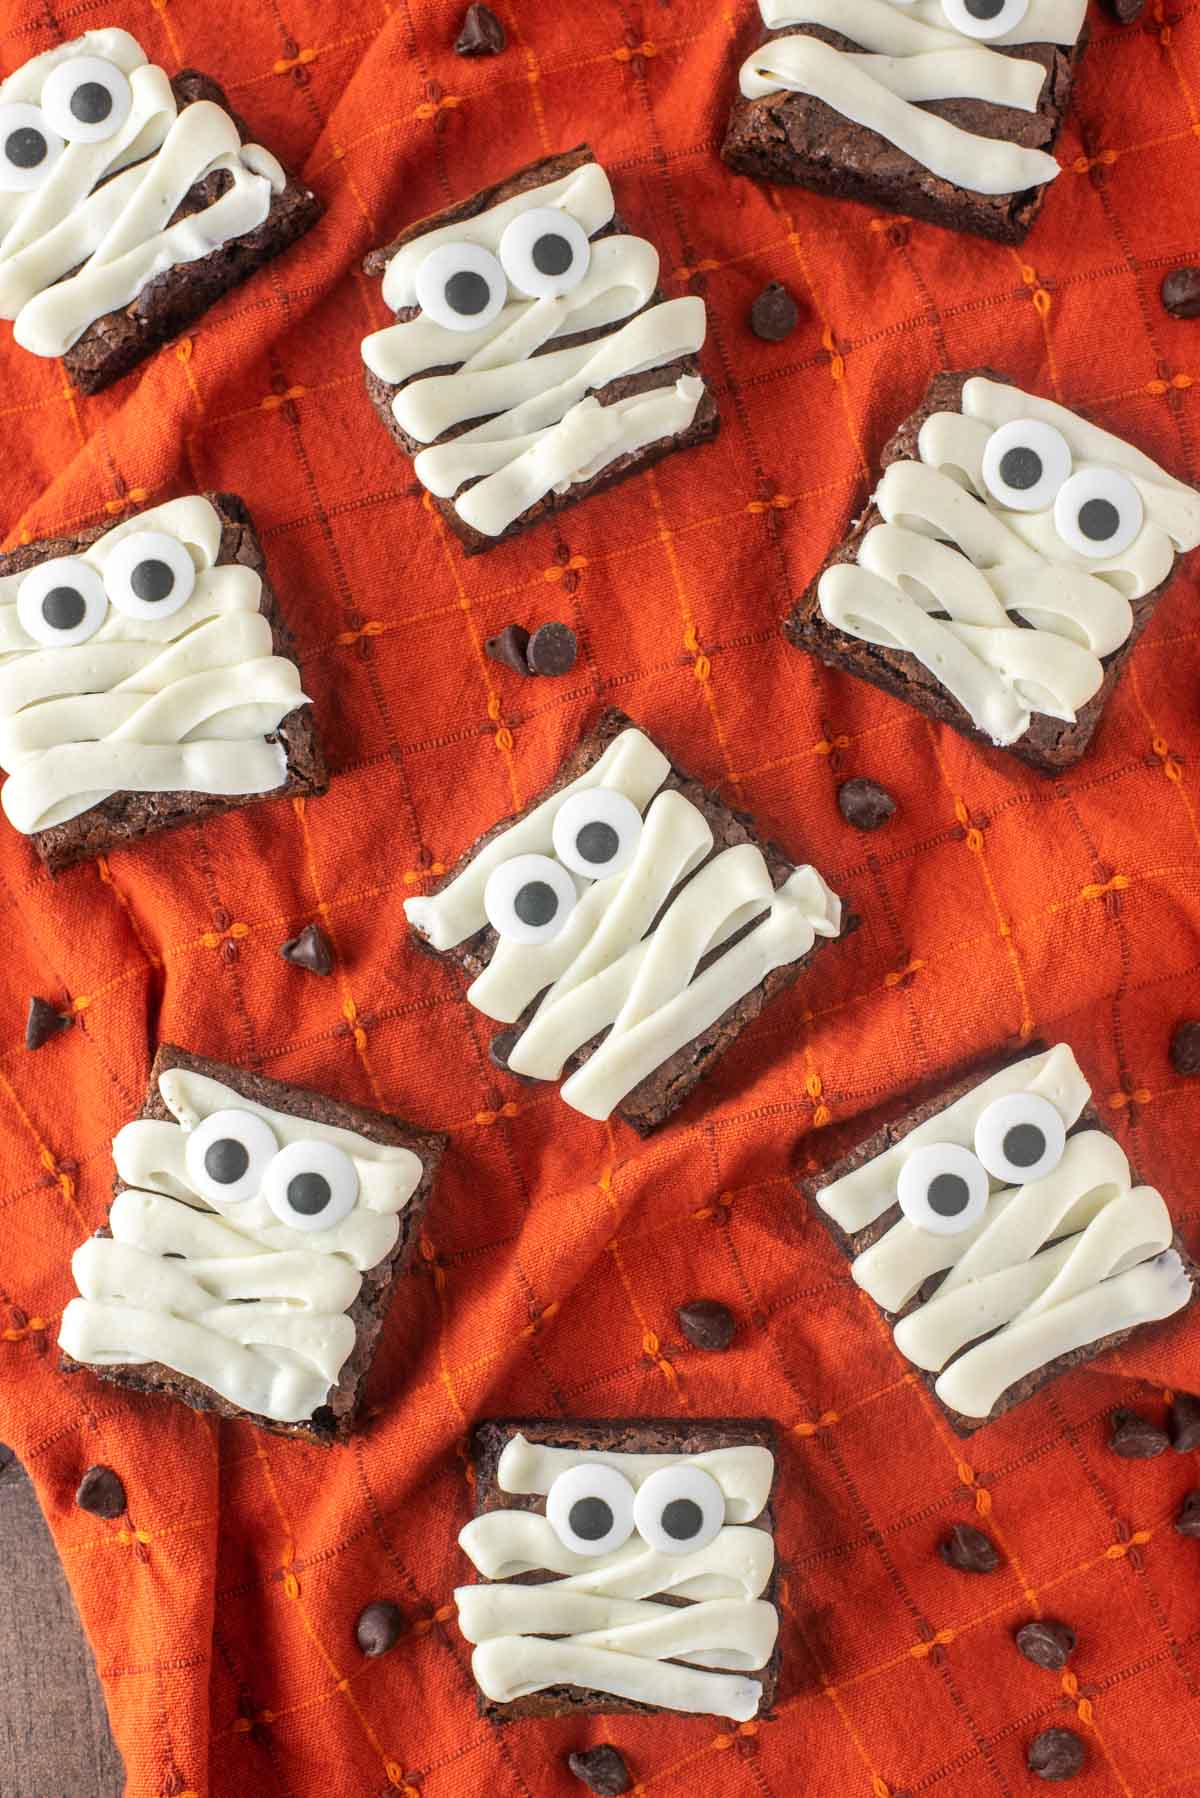 mummy-brownies-haloween-desserts